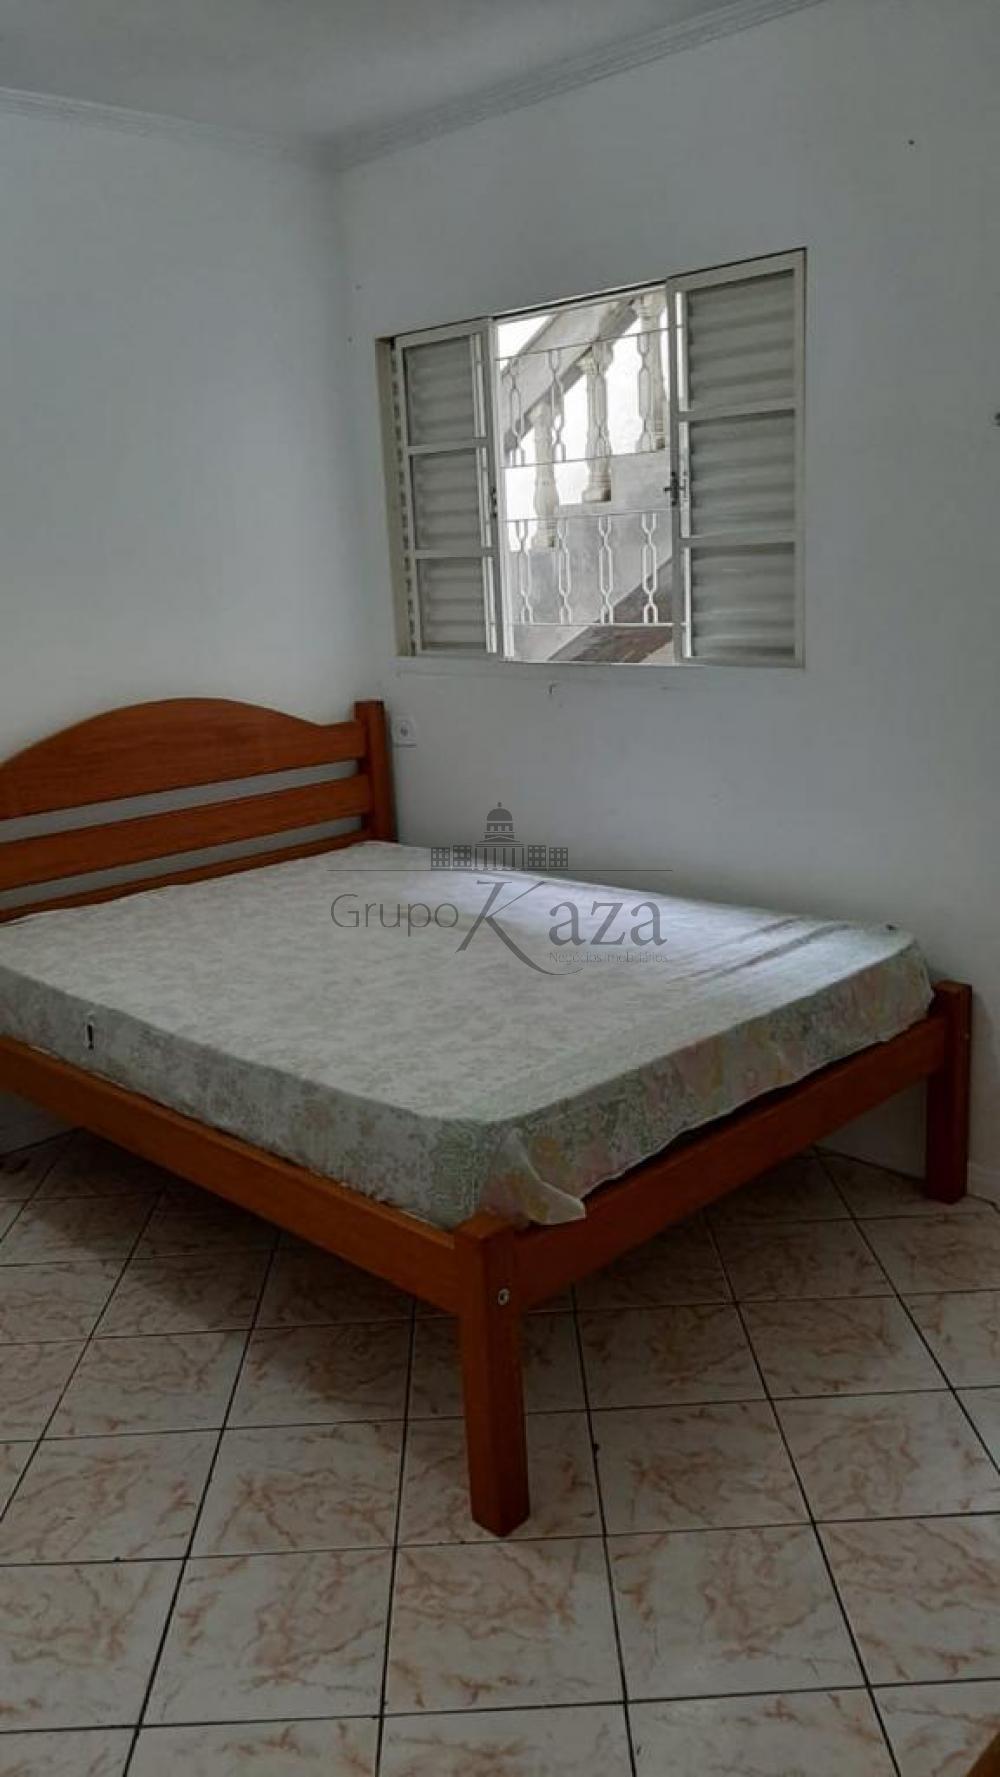 alt='Comprar Casa / Padrão em São José dos Campos R$ 320.000,00 - Foto 13' title='Comprar Casa / Padrão em São José dos Campos R$ 320.000,00 - Foto 13'